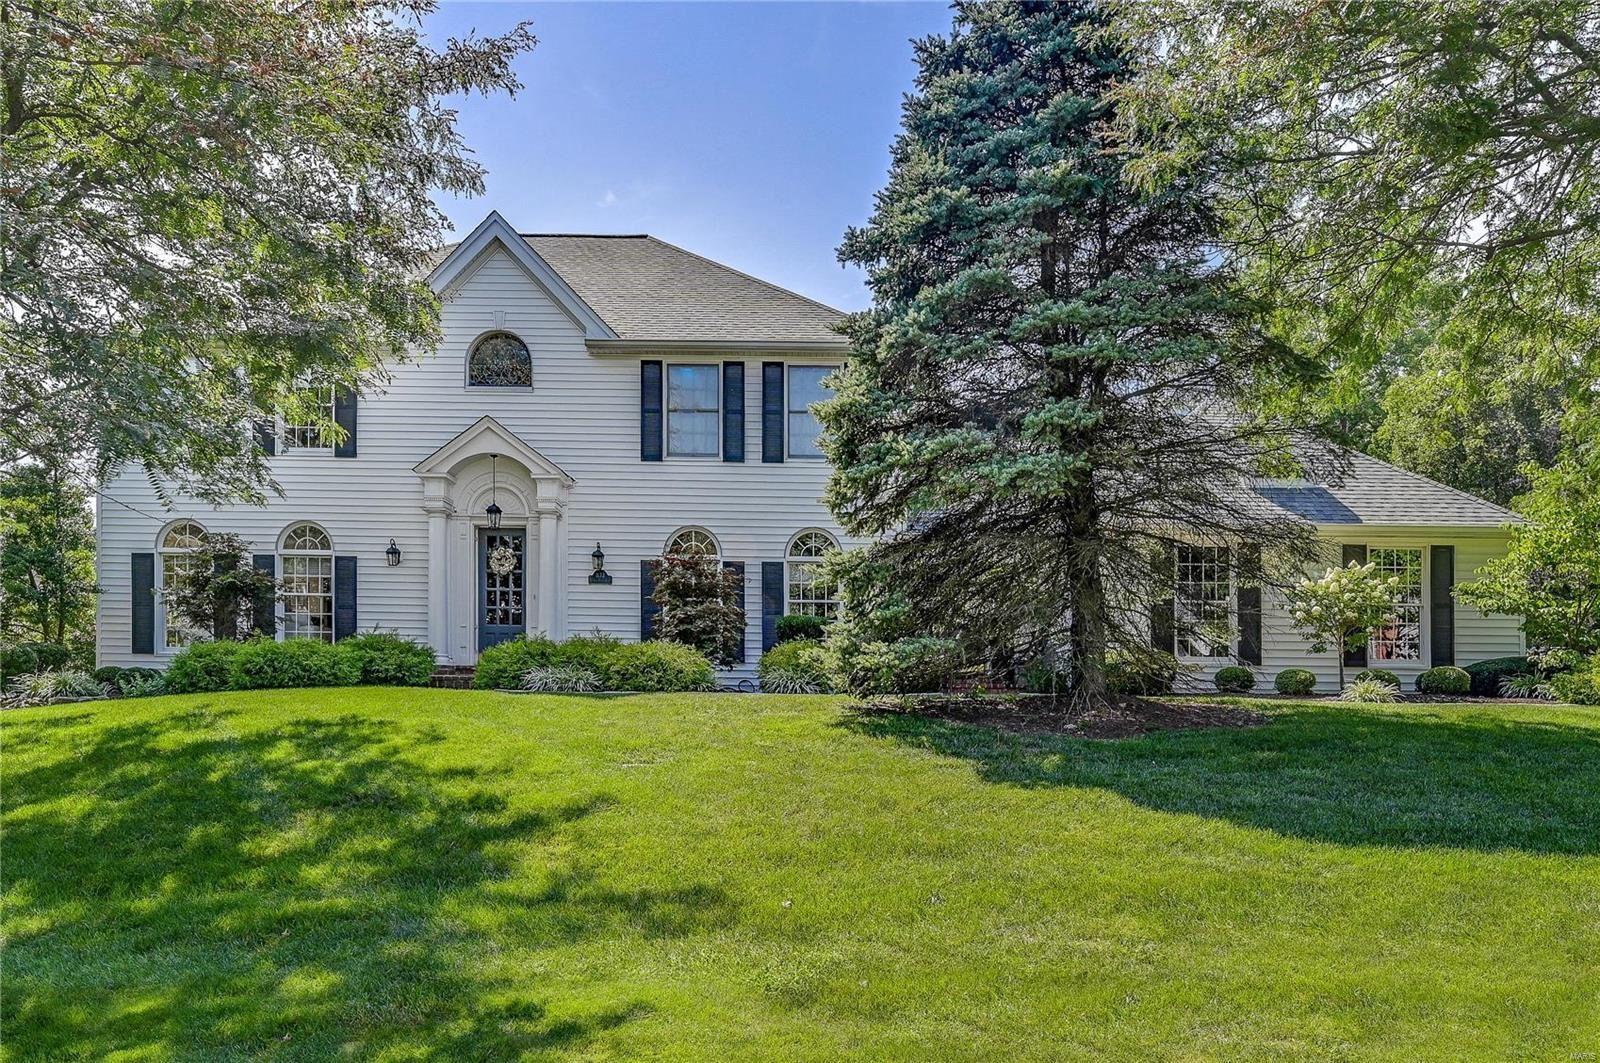 833 Stable Ridge Lane, Kirkwood, MO 63122 - MLS#: 20054222